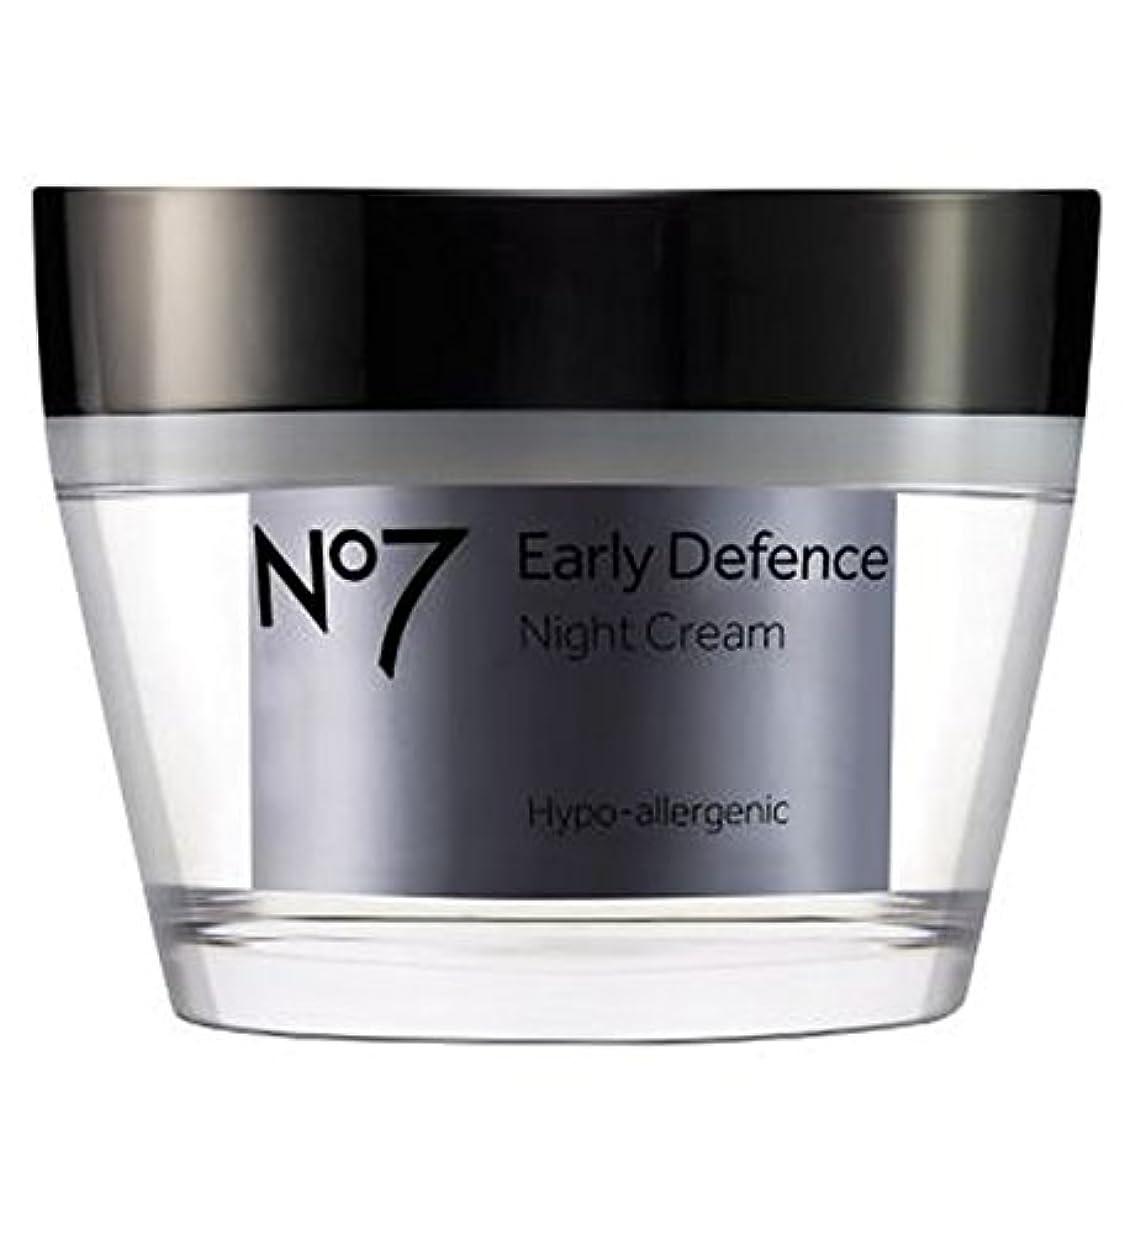 繕うページェント扱いやすいNo7 Early Defence Night Cream - No7早期防衛ナイトクリーム (No7) [並行輸入品]